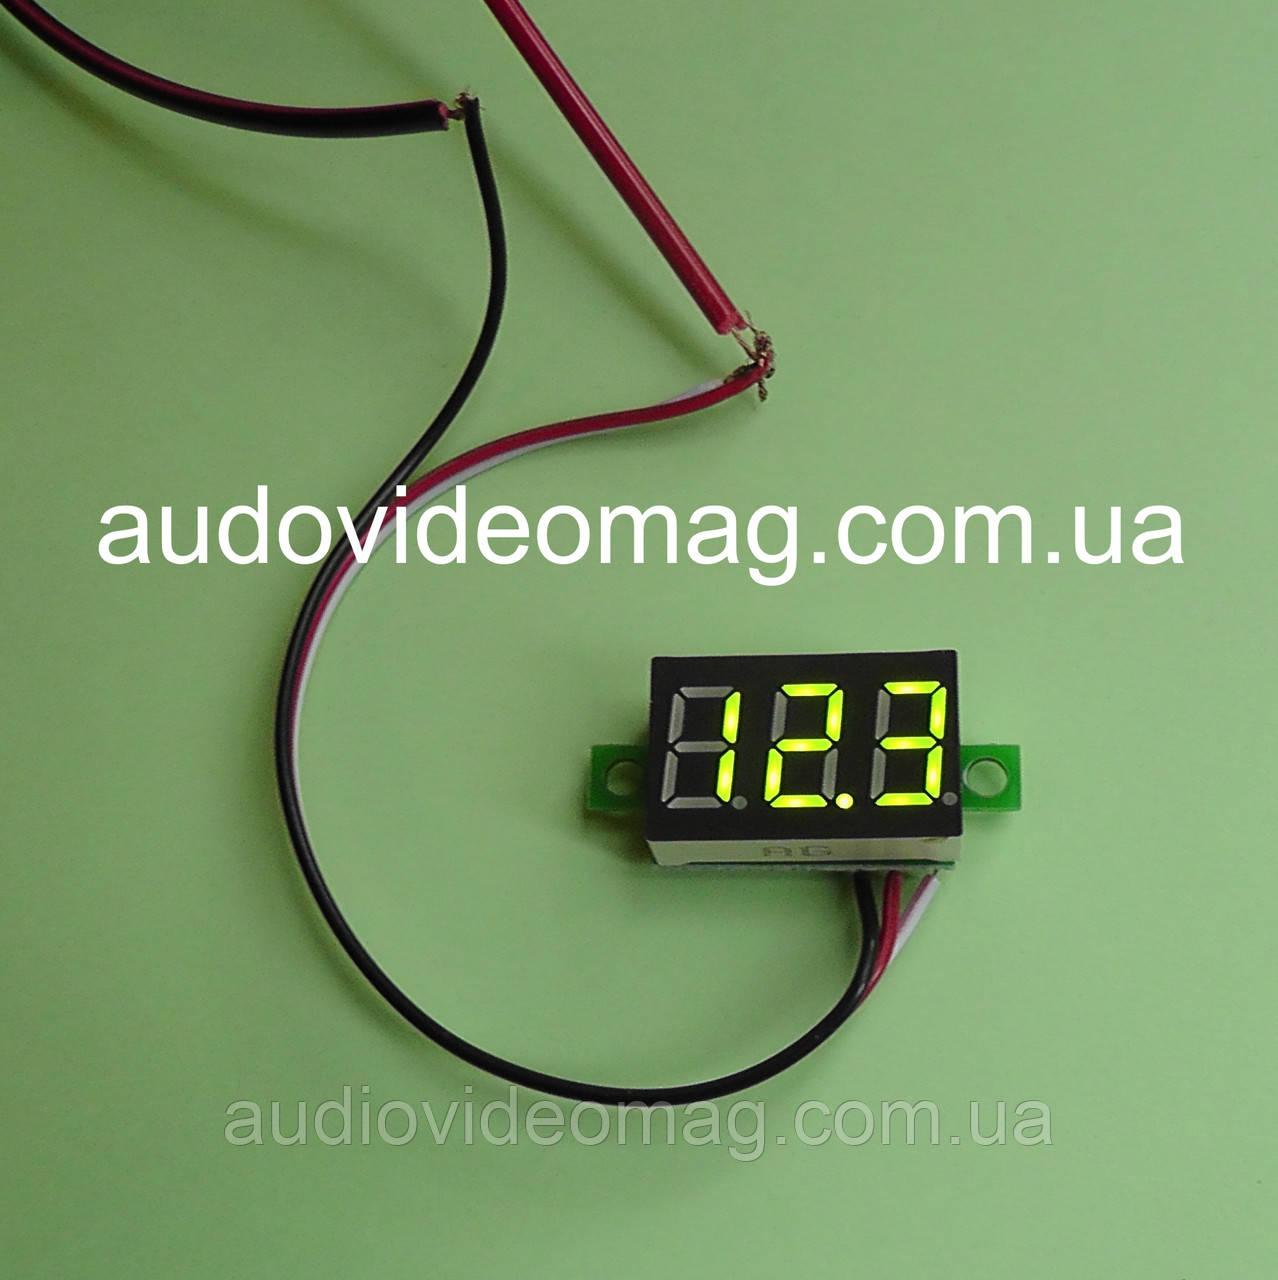 Вольтметр DC 0-30V для постоянного тока, цвет цифр - зеленый